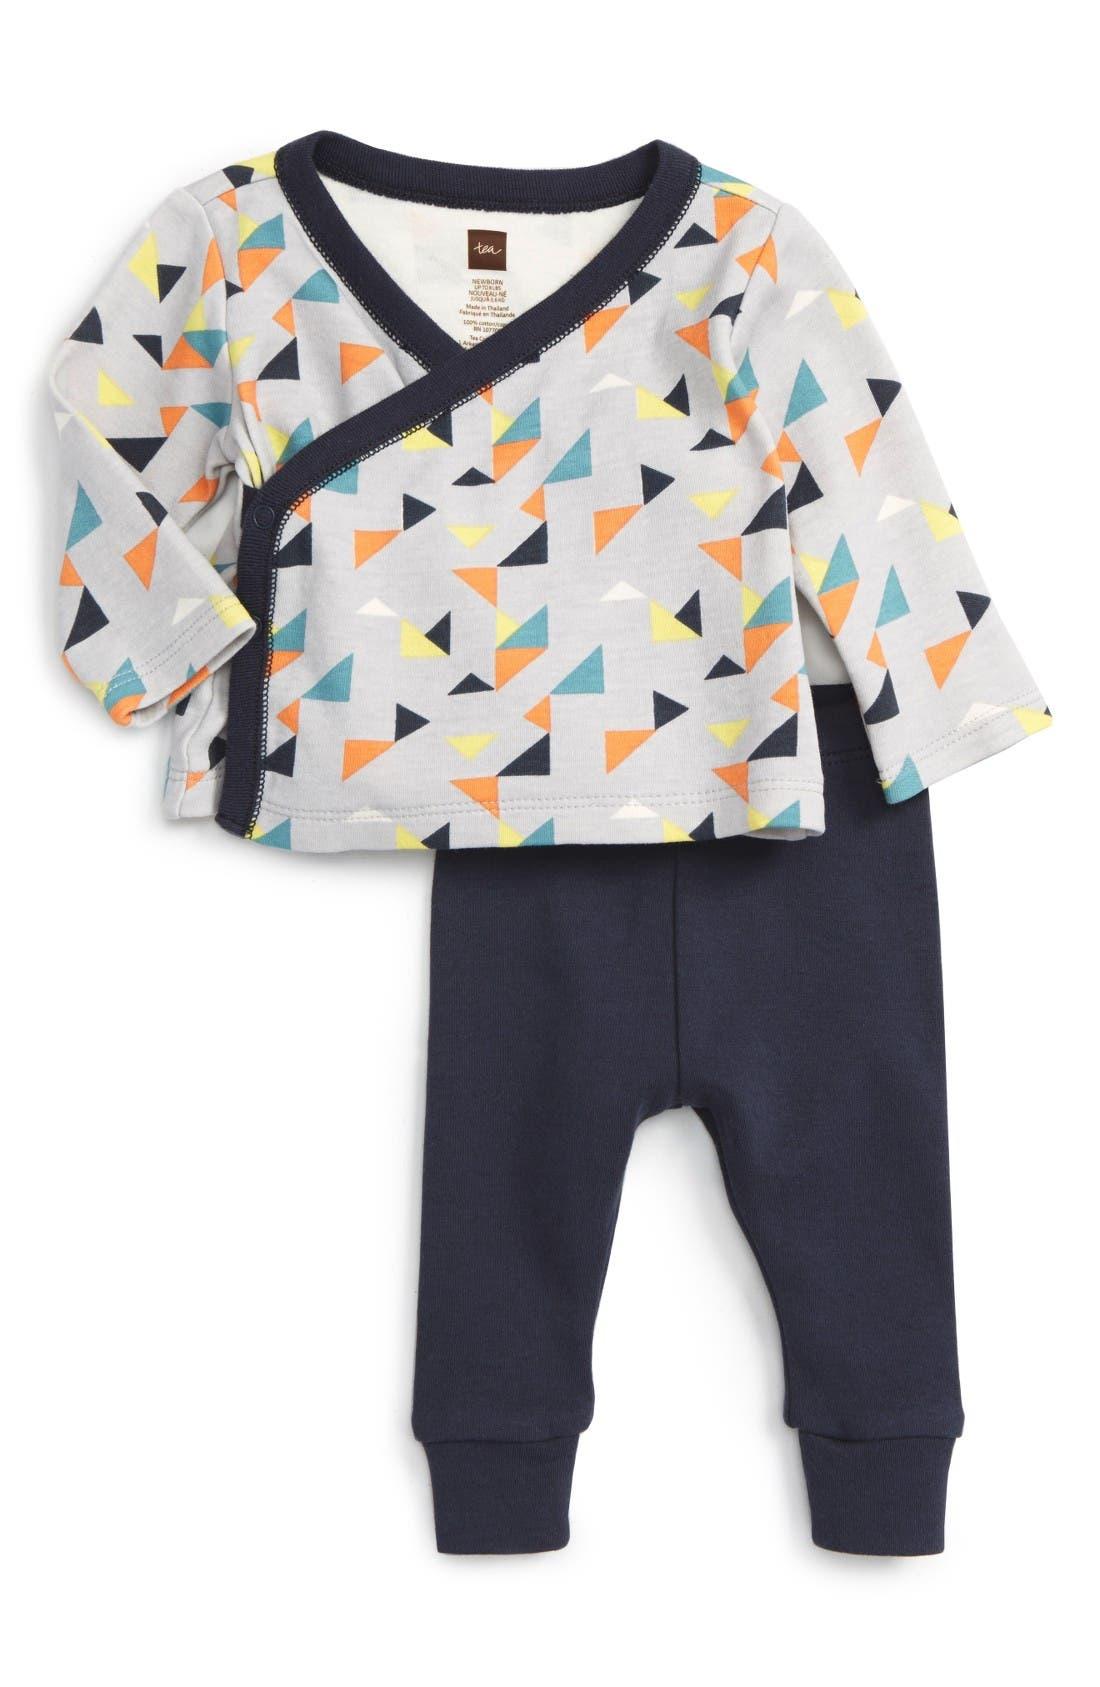 Tea Collection Archer Wrap Top & Sweatpants Set (Baby Boys)